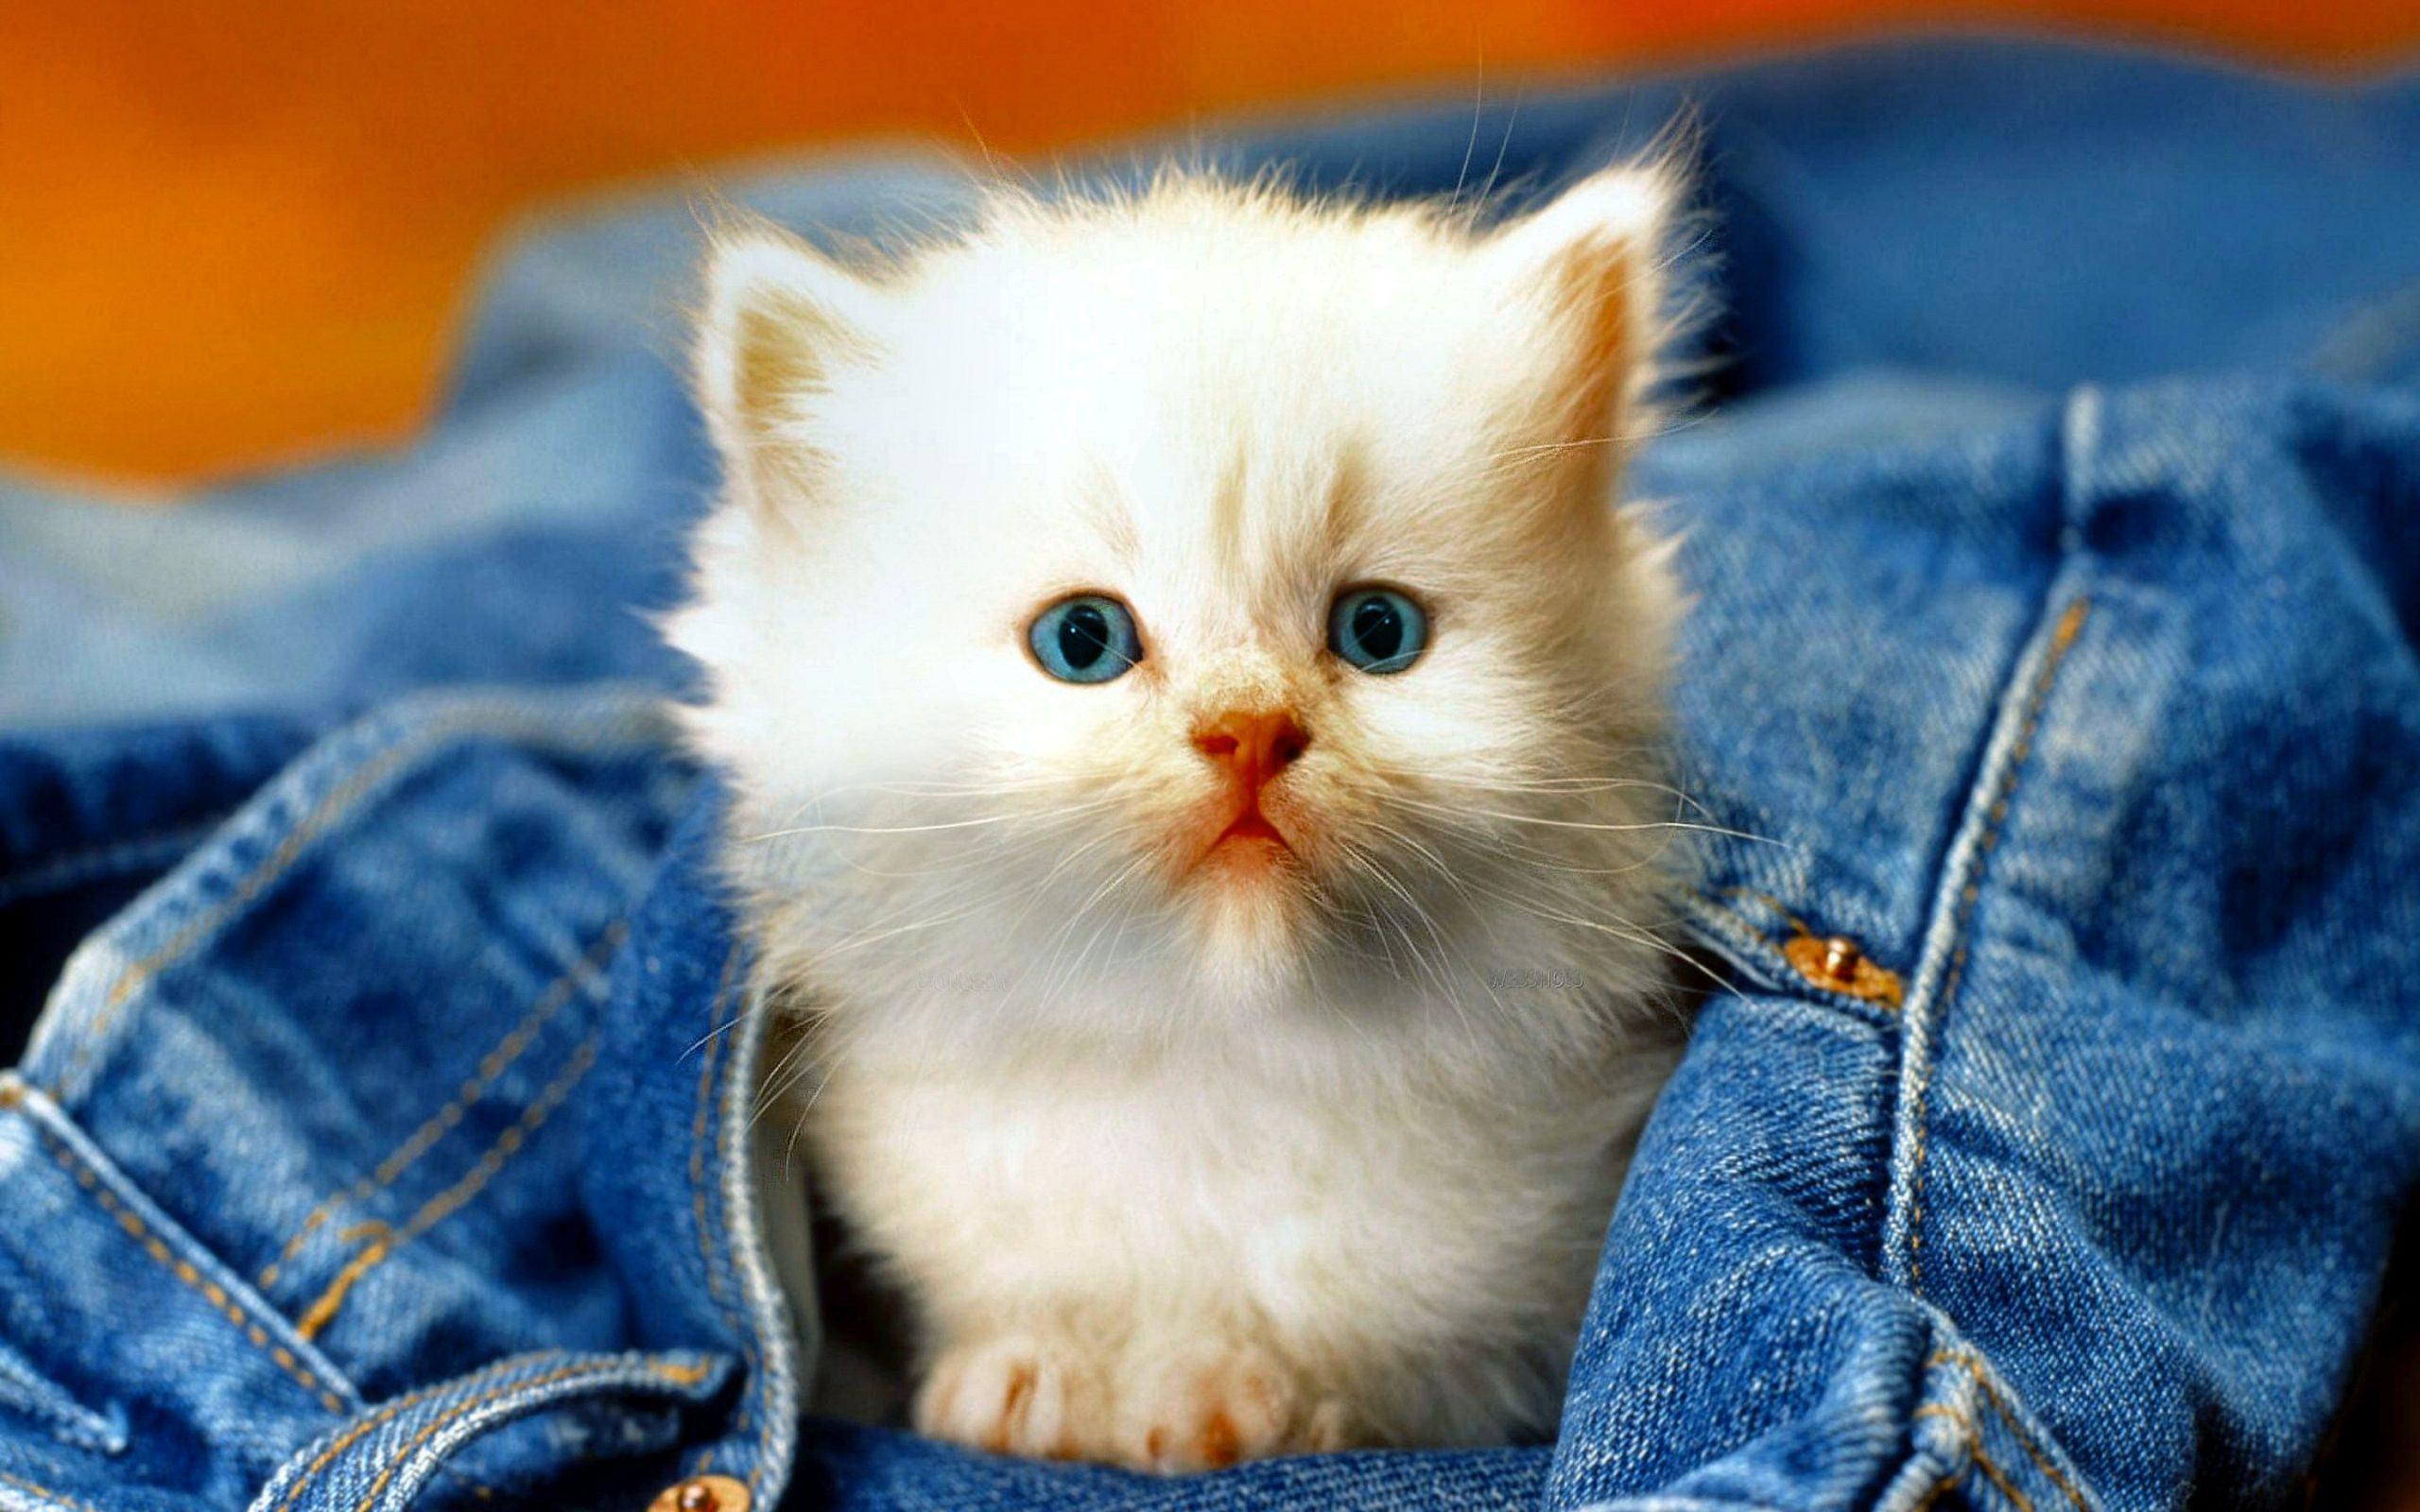 Hình ảnh mèo côn tinh nghich với quần áo của chủ nhân trông rất đáng yêu